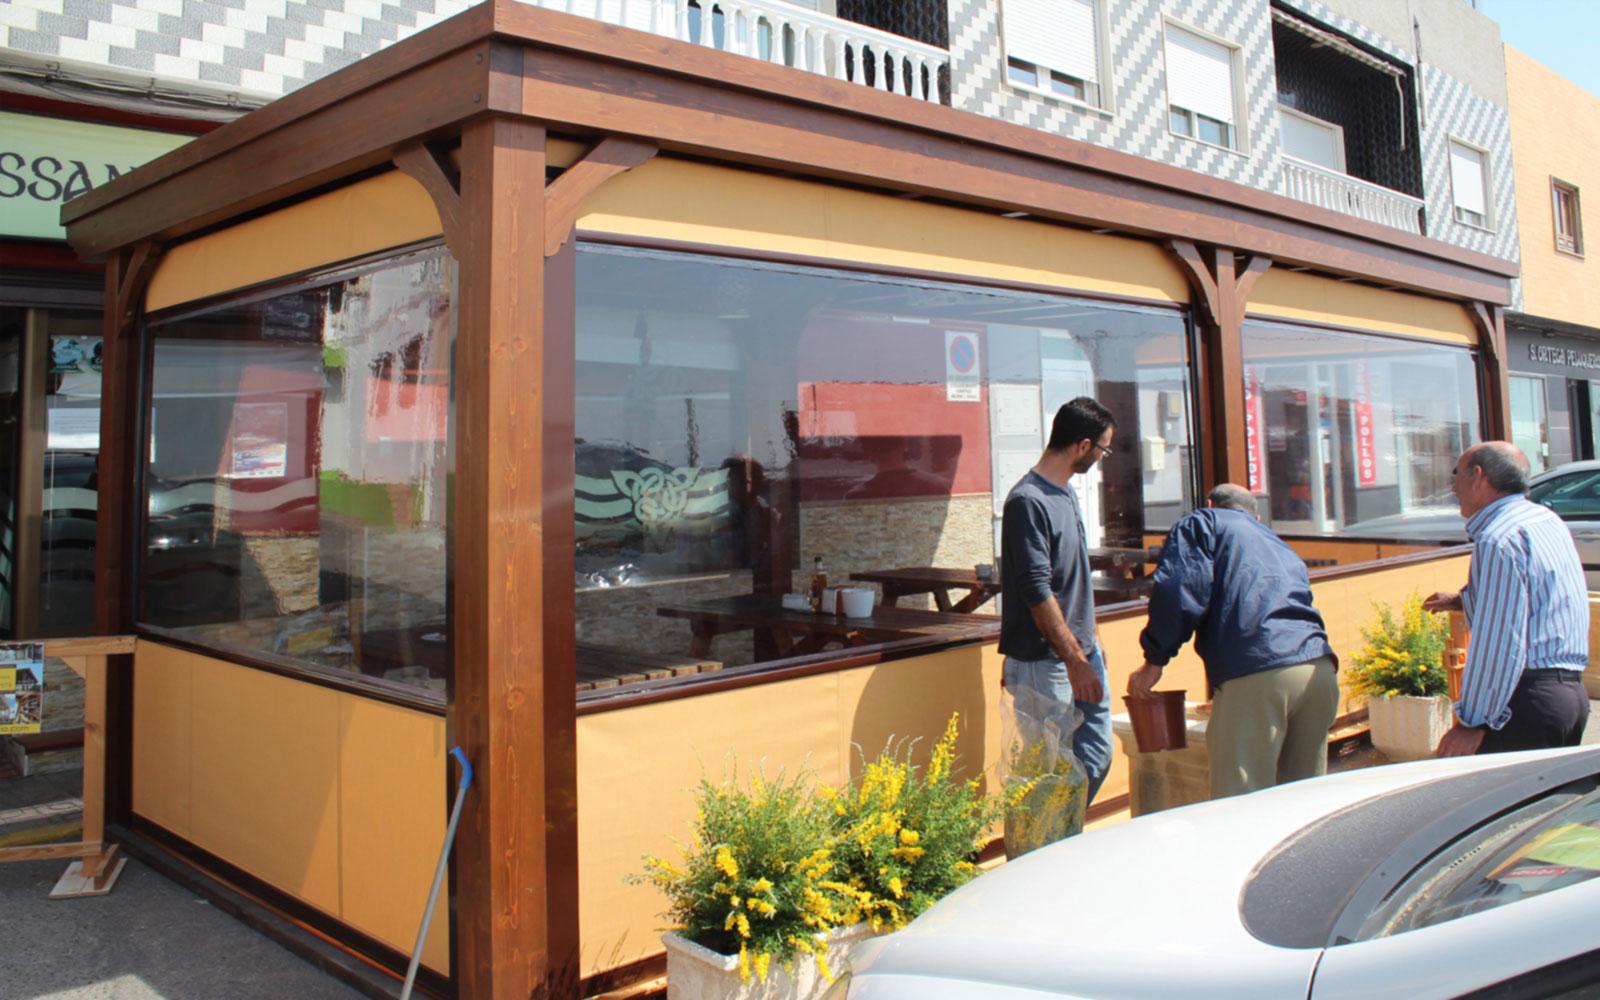 Cerramientos terrazas cafeterias benoit roubaud for Toldos cerramientos terrazas